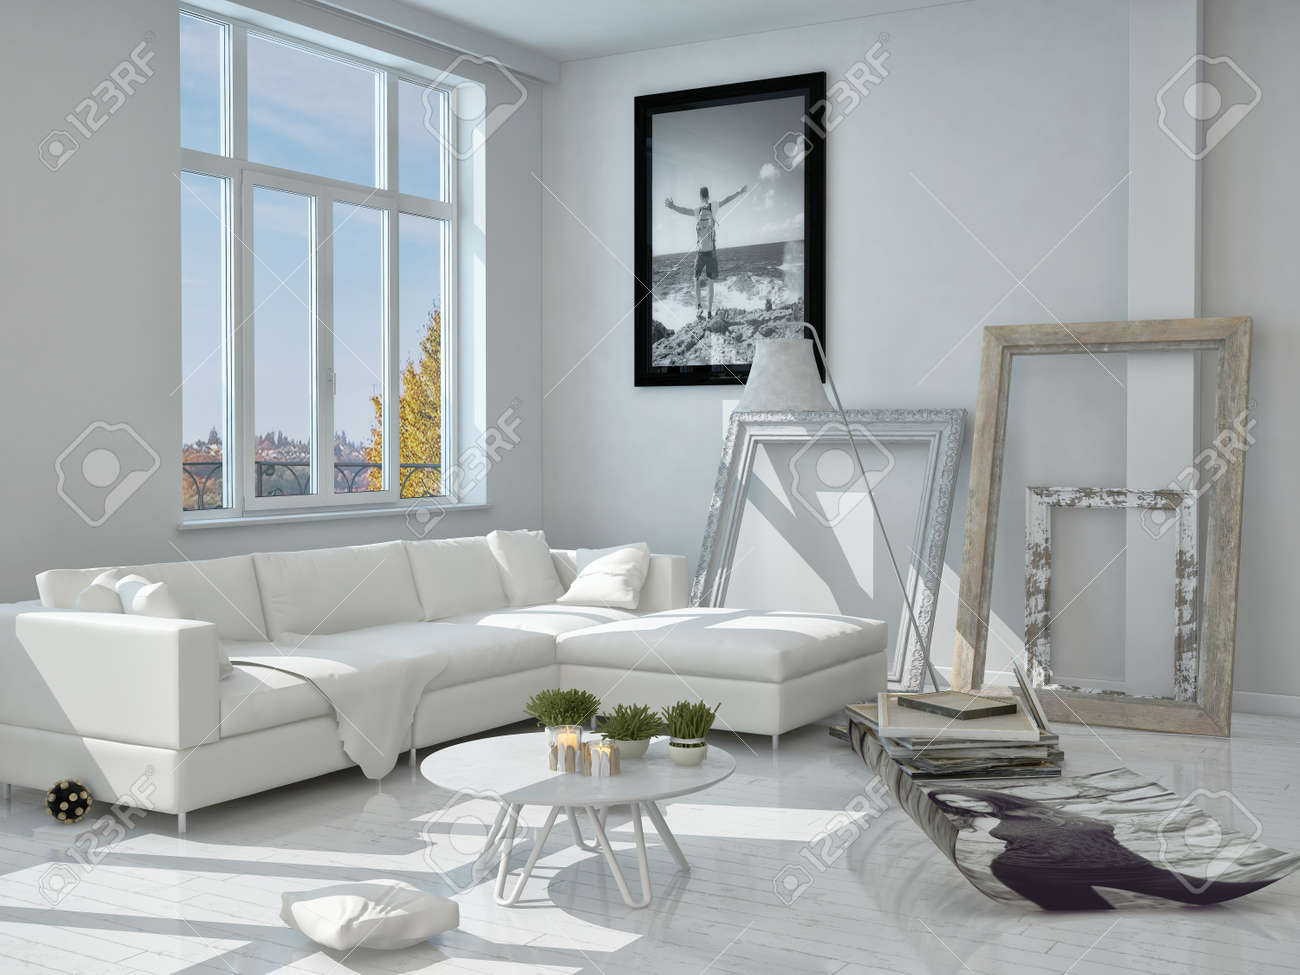 Moderne Architektur Der Eingerichtetes Wohnzimmer Mit Weiß Elegante ...